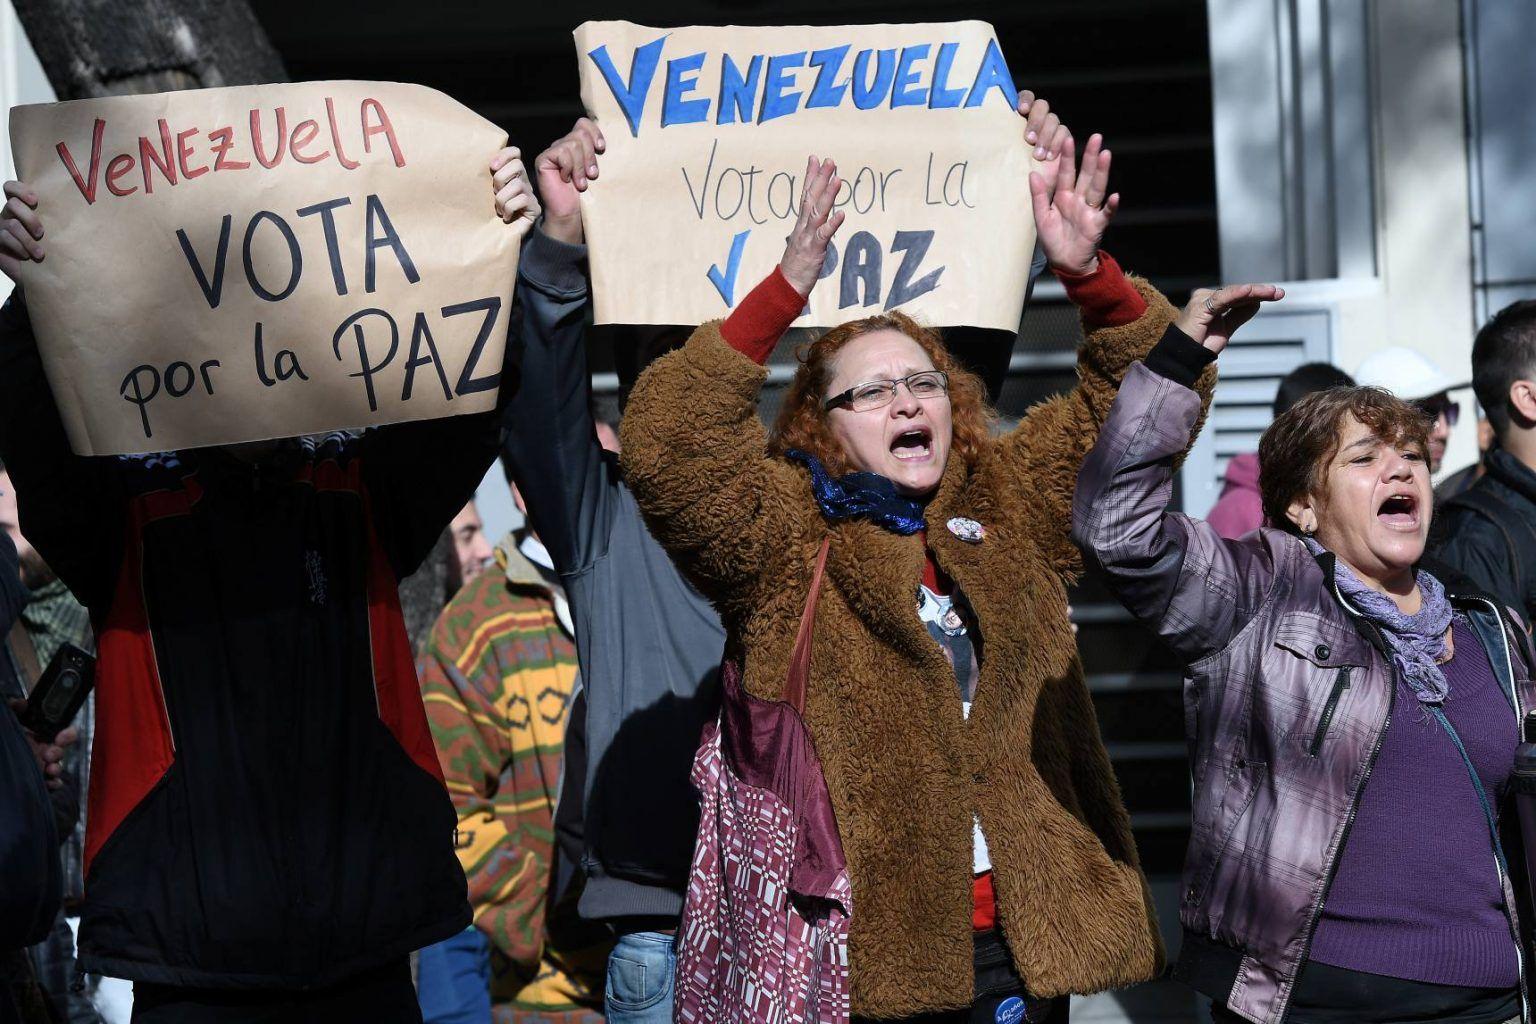 Telam 20/05/2018 Buenos Aires: Manifestantes a favor de las elecciones que se llevan a cabo hoy en Venezuela, exiben pancartas donde llaman a votar frente a la embajada de Venezuela donde se encuentran las mesas electorales. Foto: Jose Romero/ef